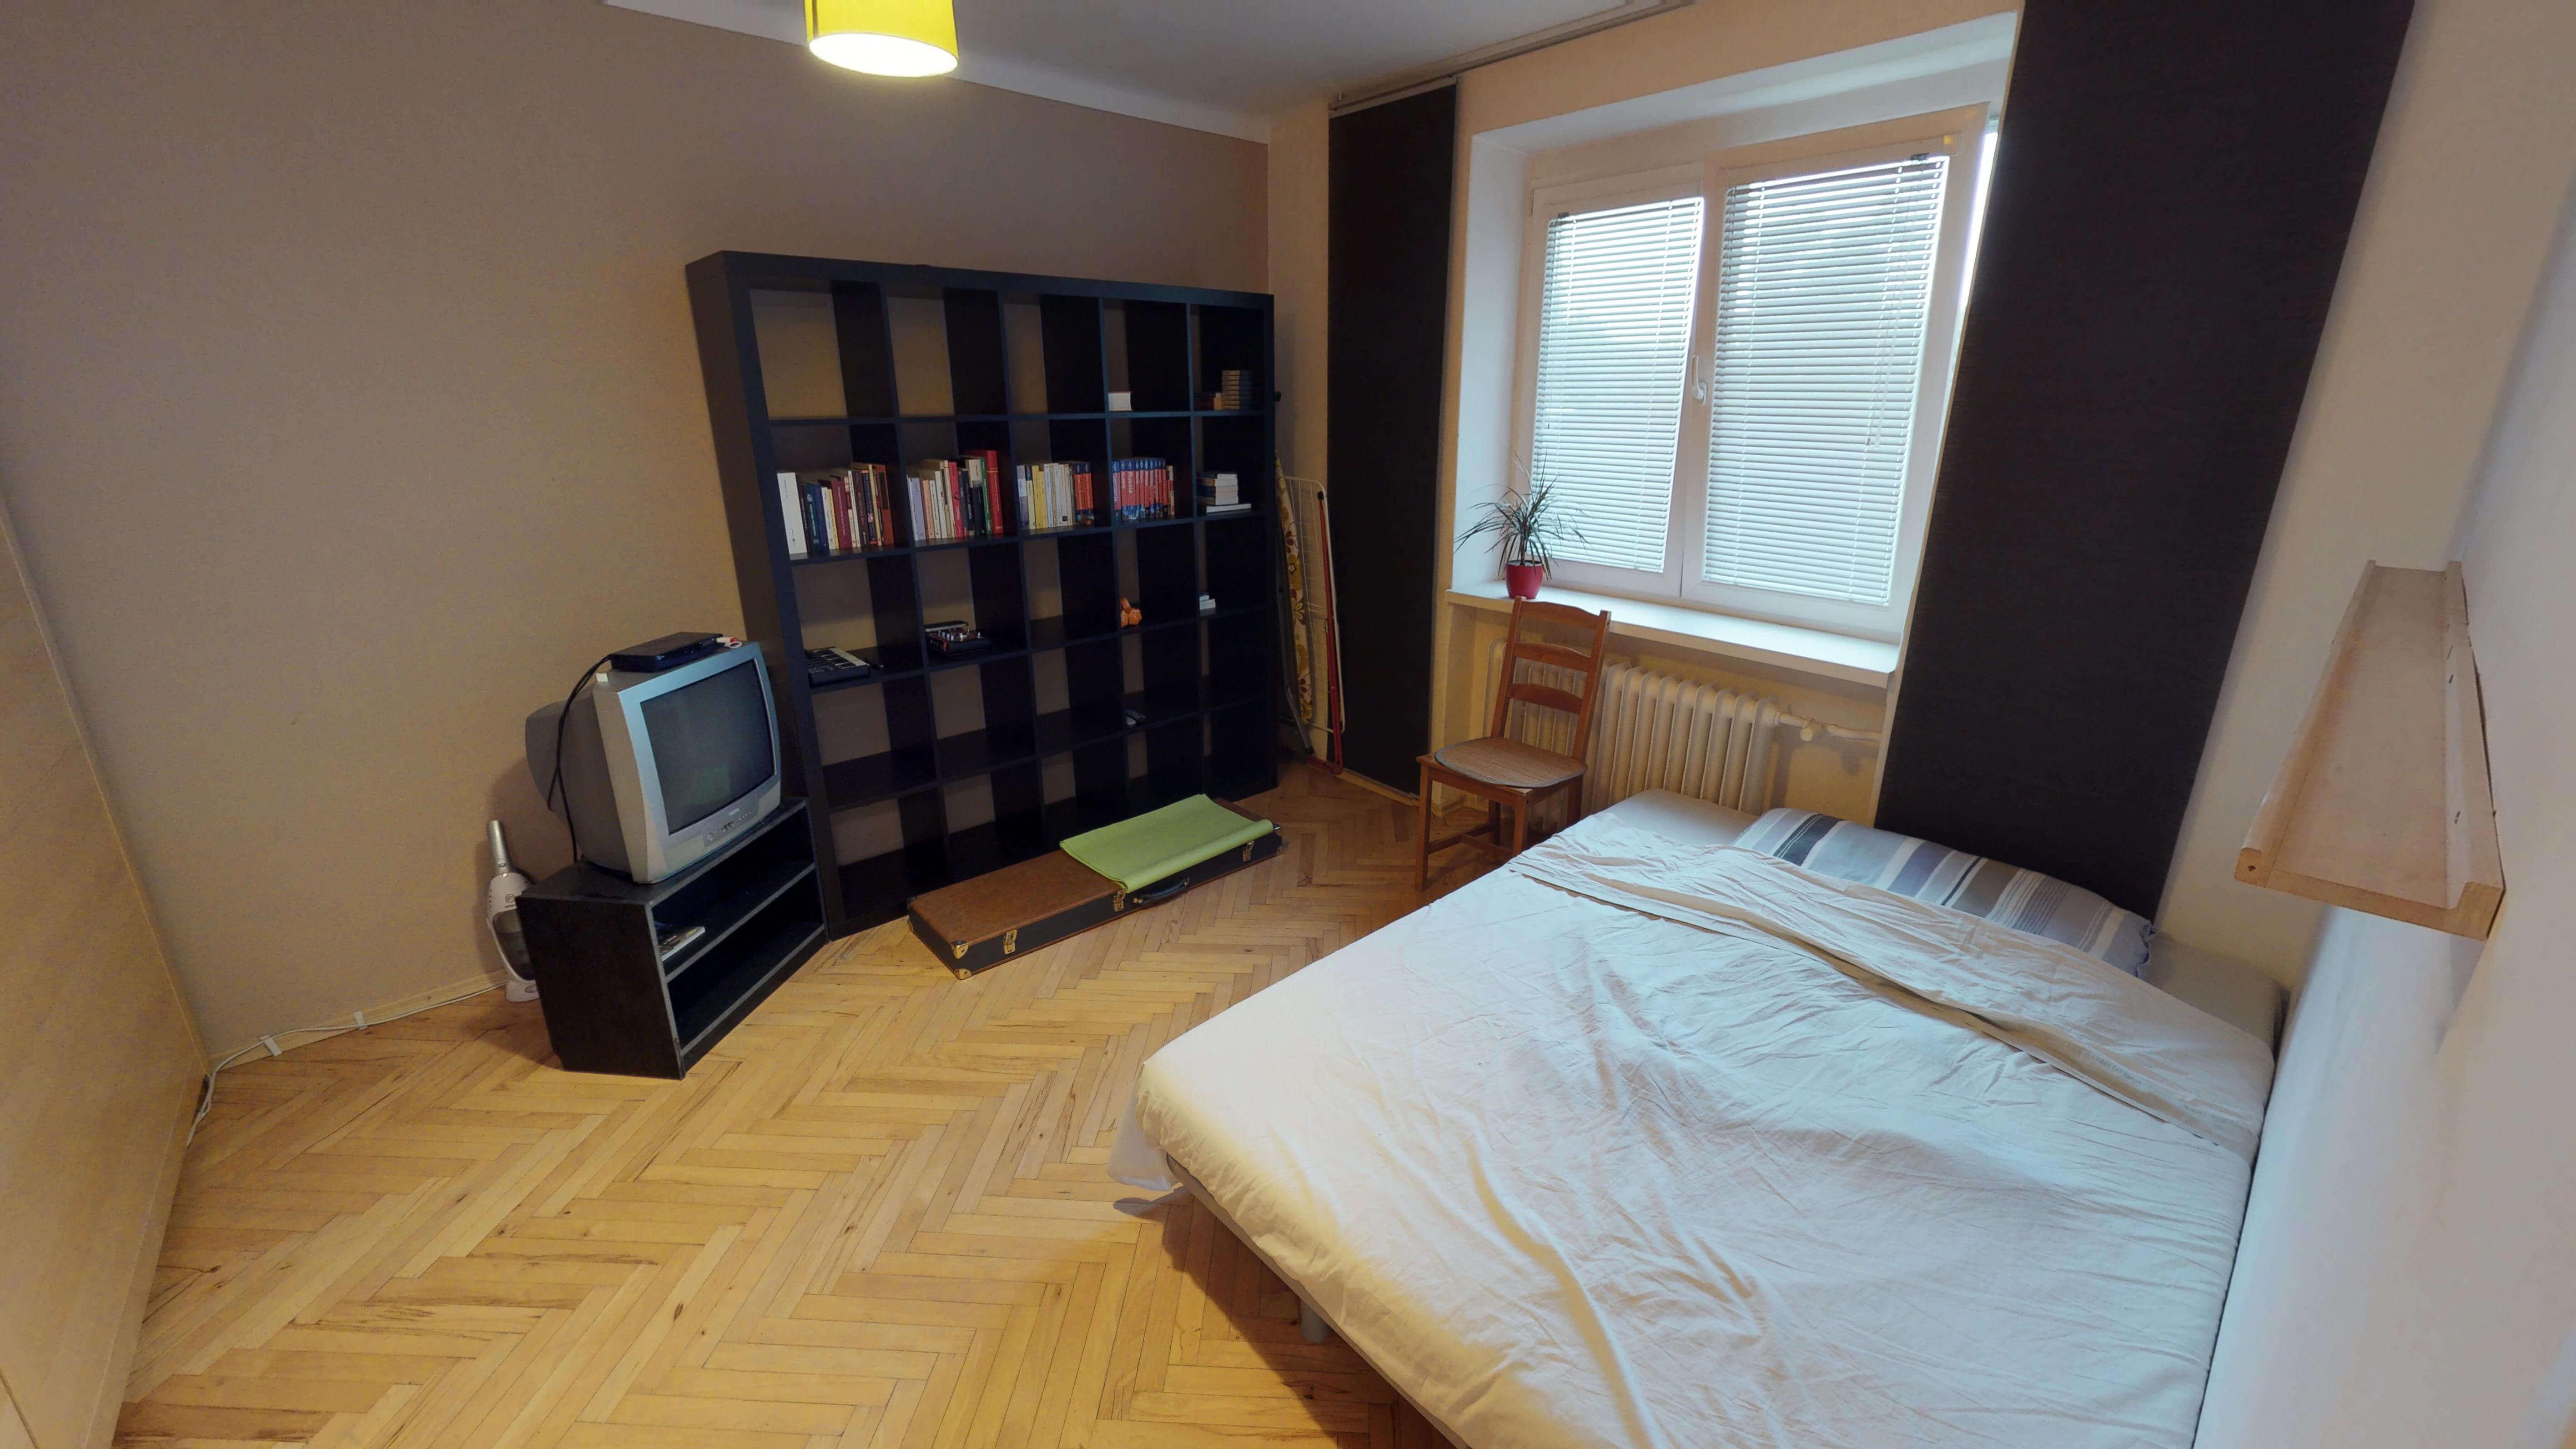 Predané: Zrekonštruovaný a kompletne zariadený byt na Pluhovej ulici-5